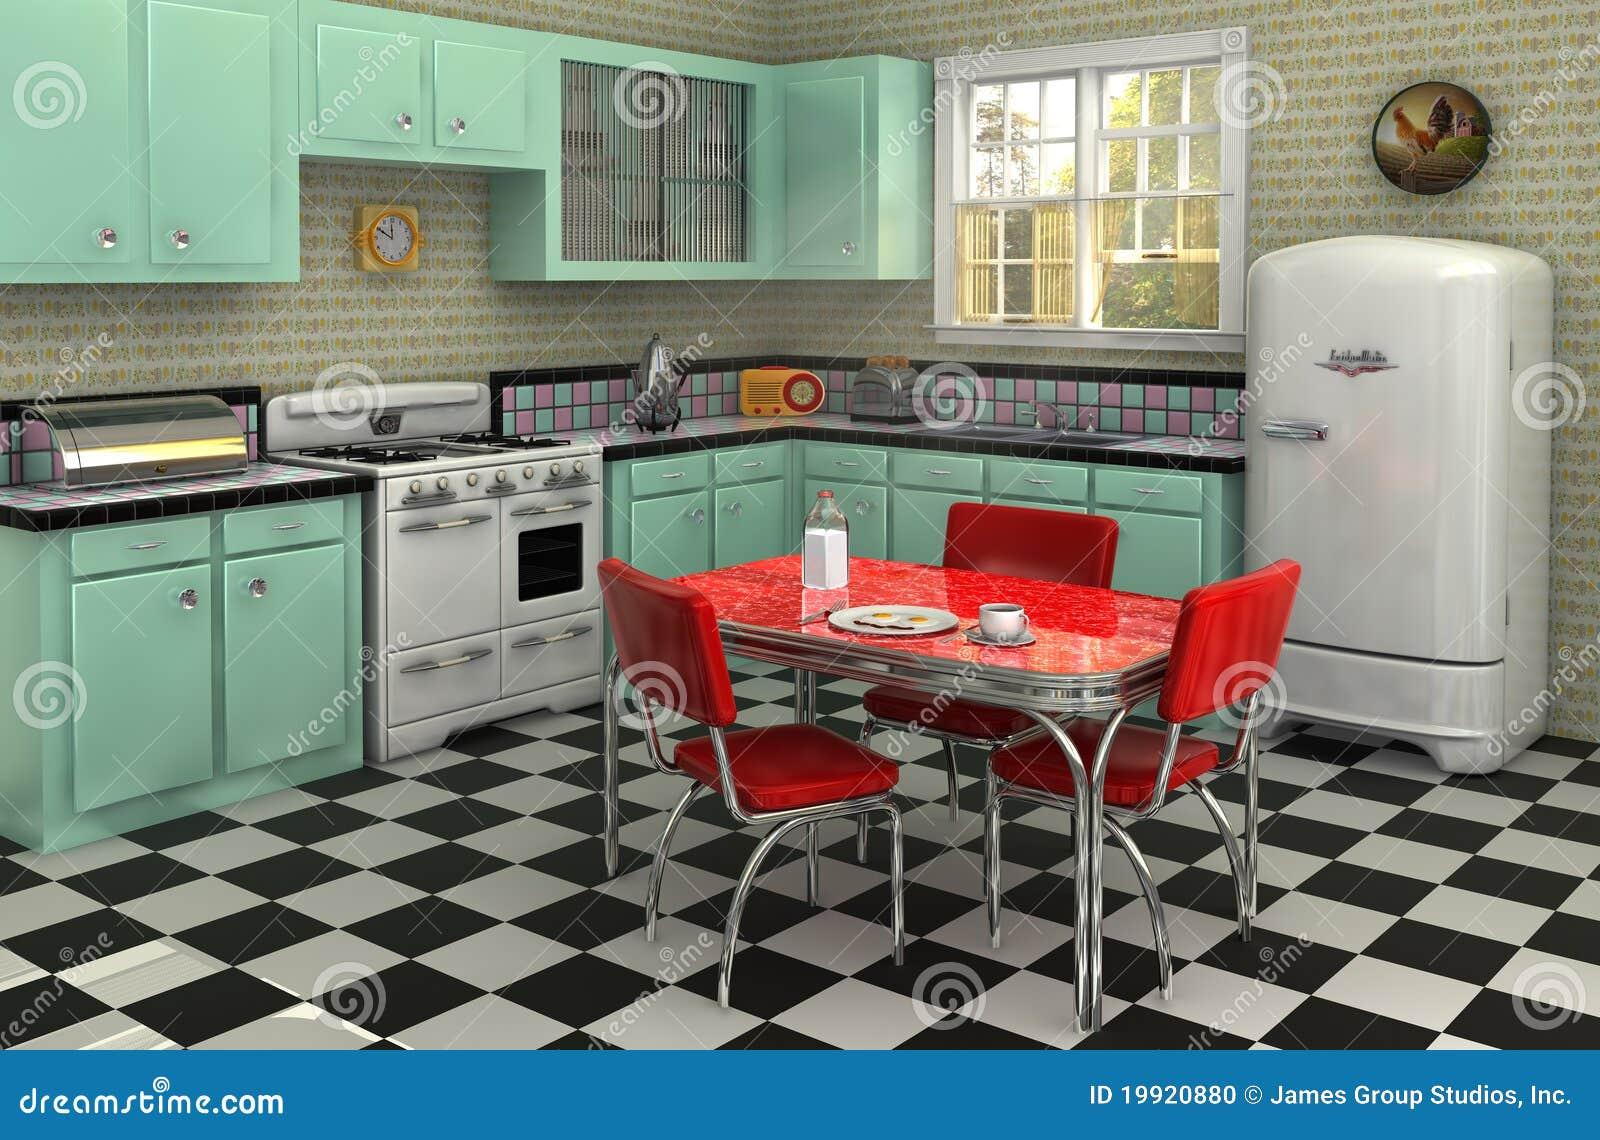 Jaren 50 Keuken Stock Foto Afbeelding Bestaande Uit